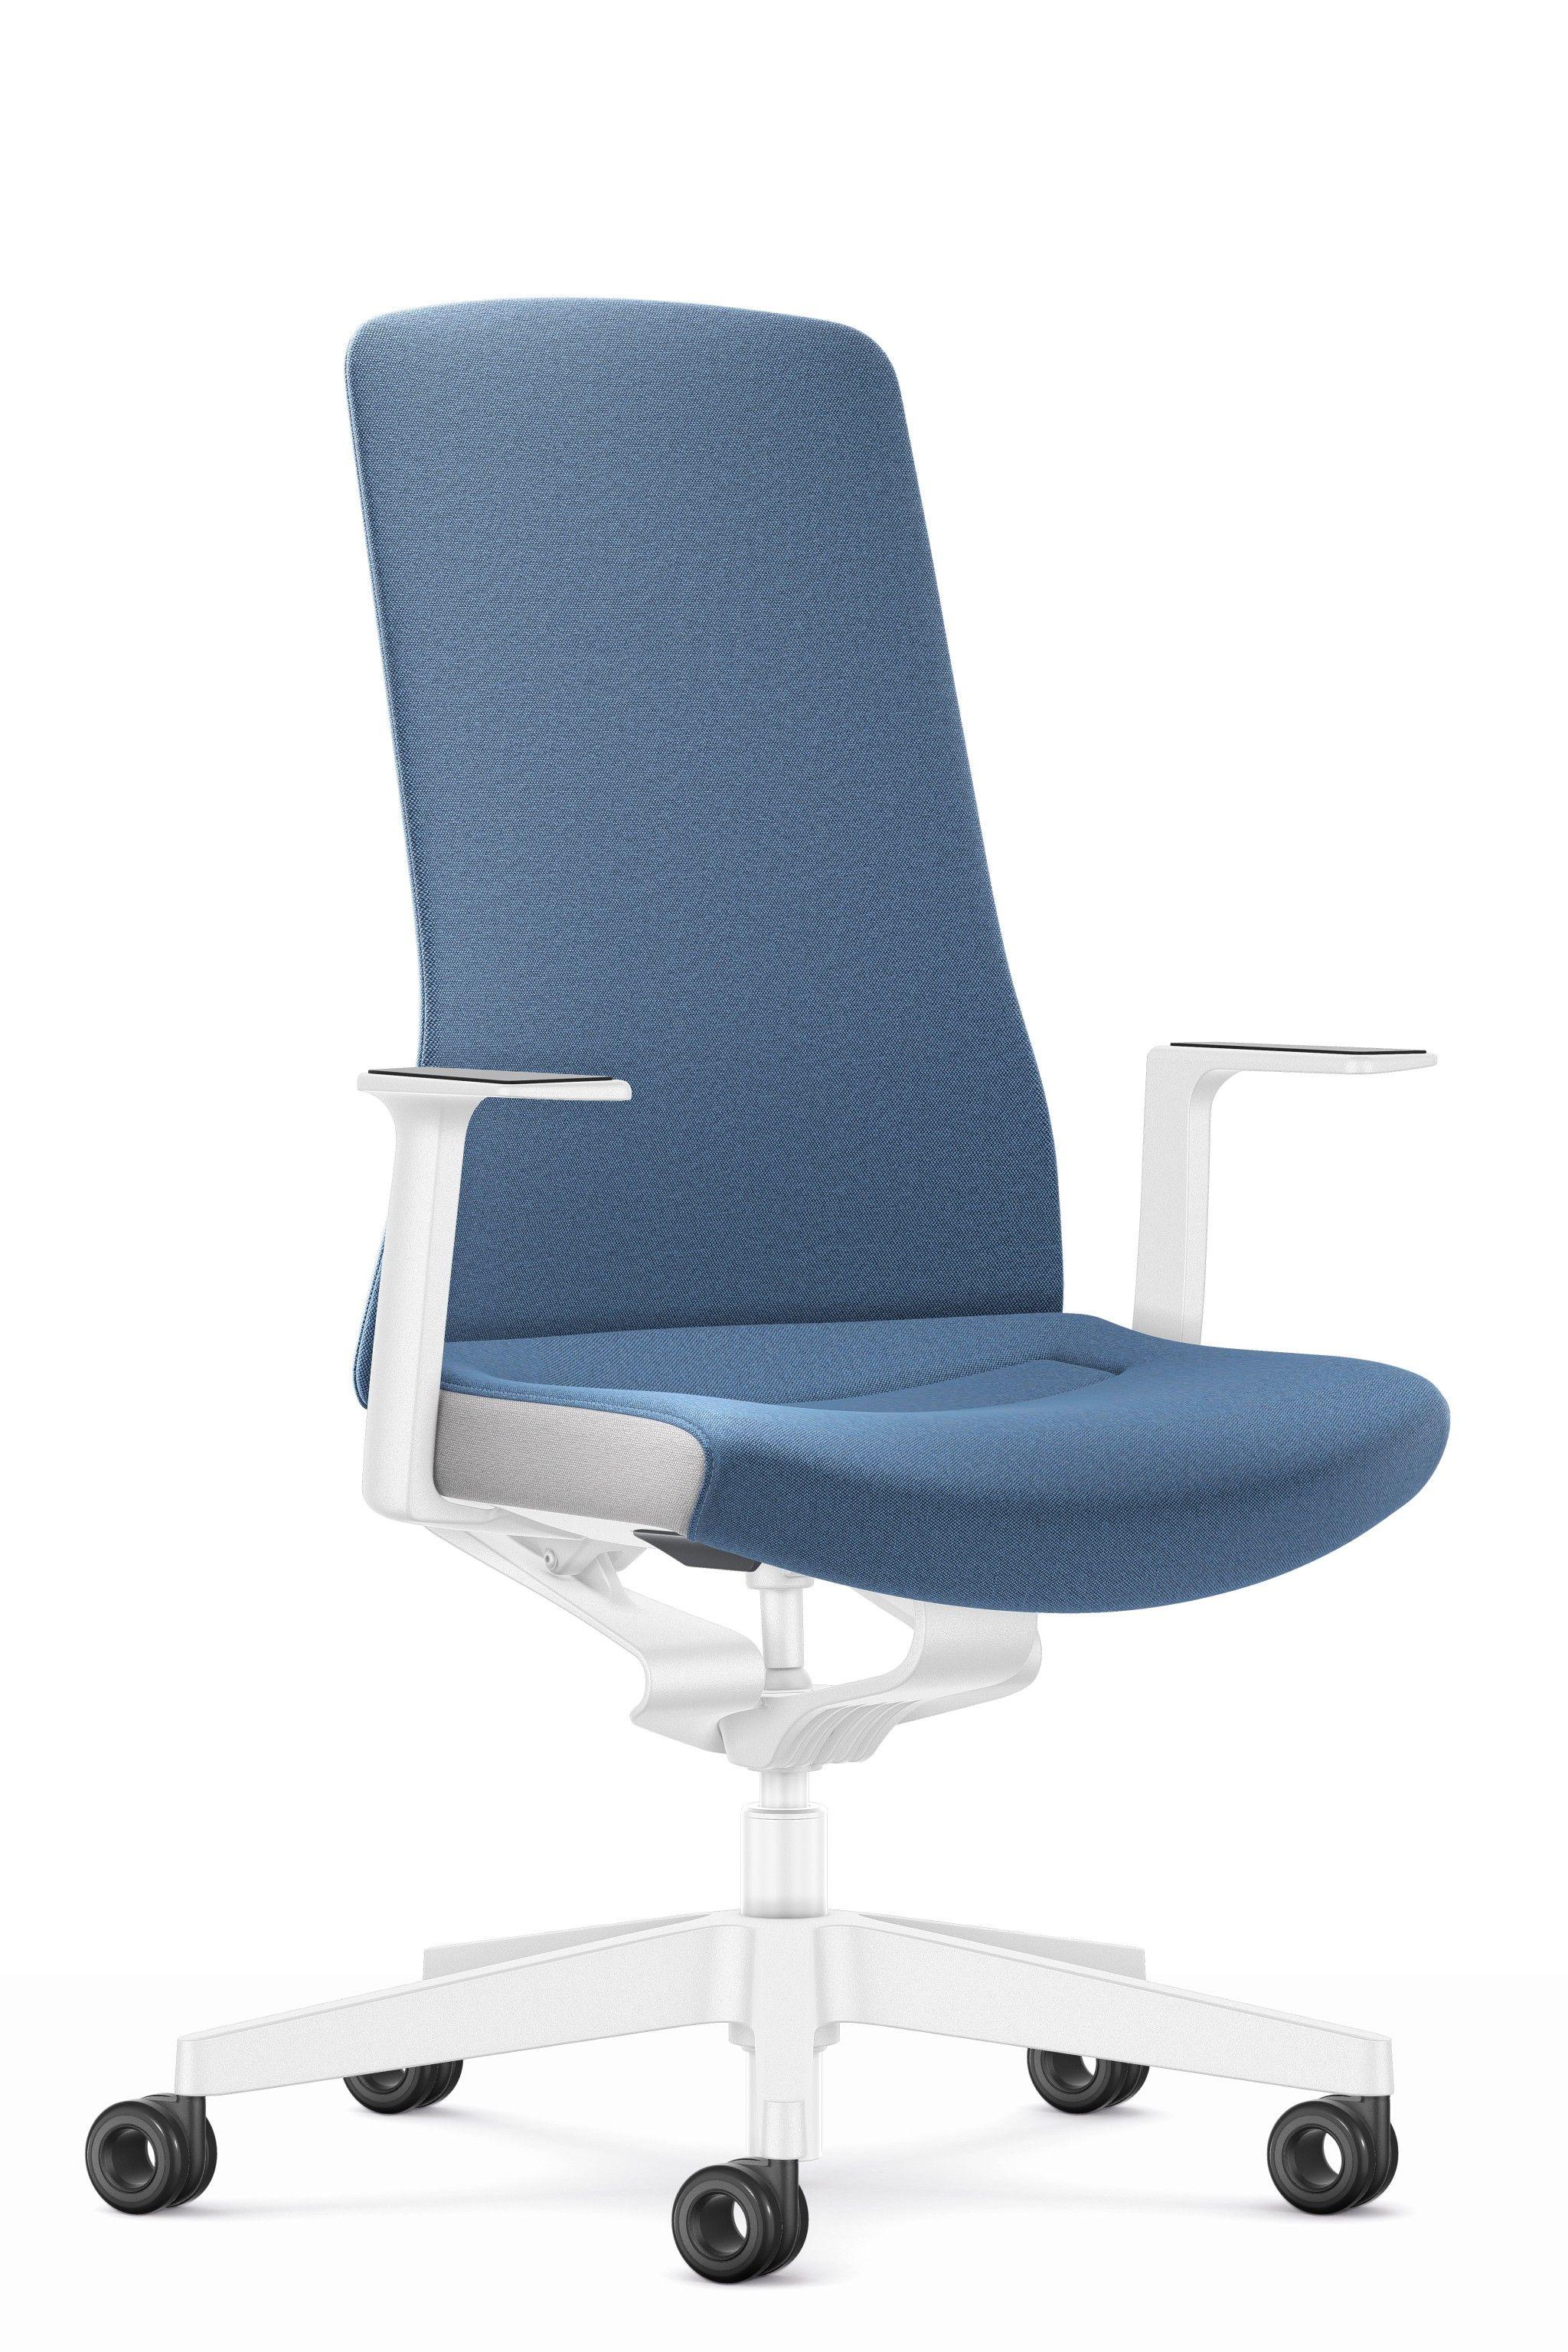 Schreibtischstuhl Blau Weiss Pure Interior Edition Burostuhl Schreibtischstuhl Von Interstuhl Burostuhl Home Office Ergonomisches Sitzen